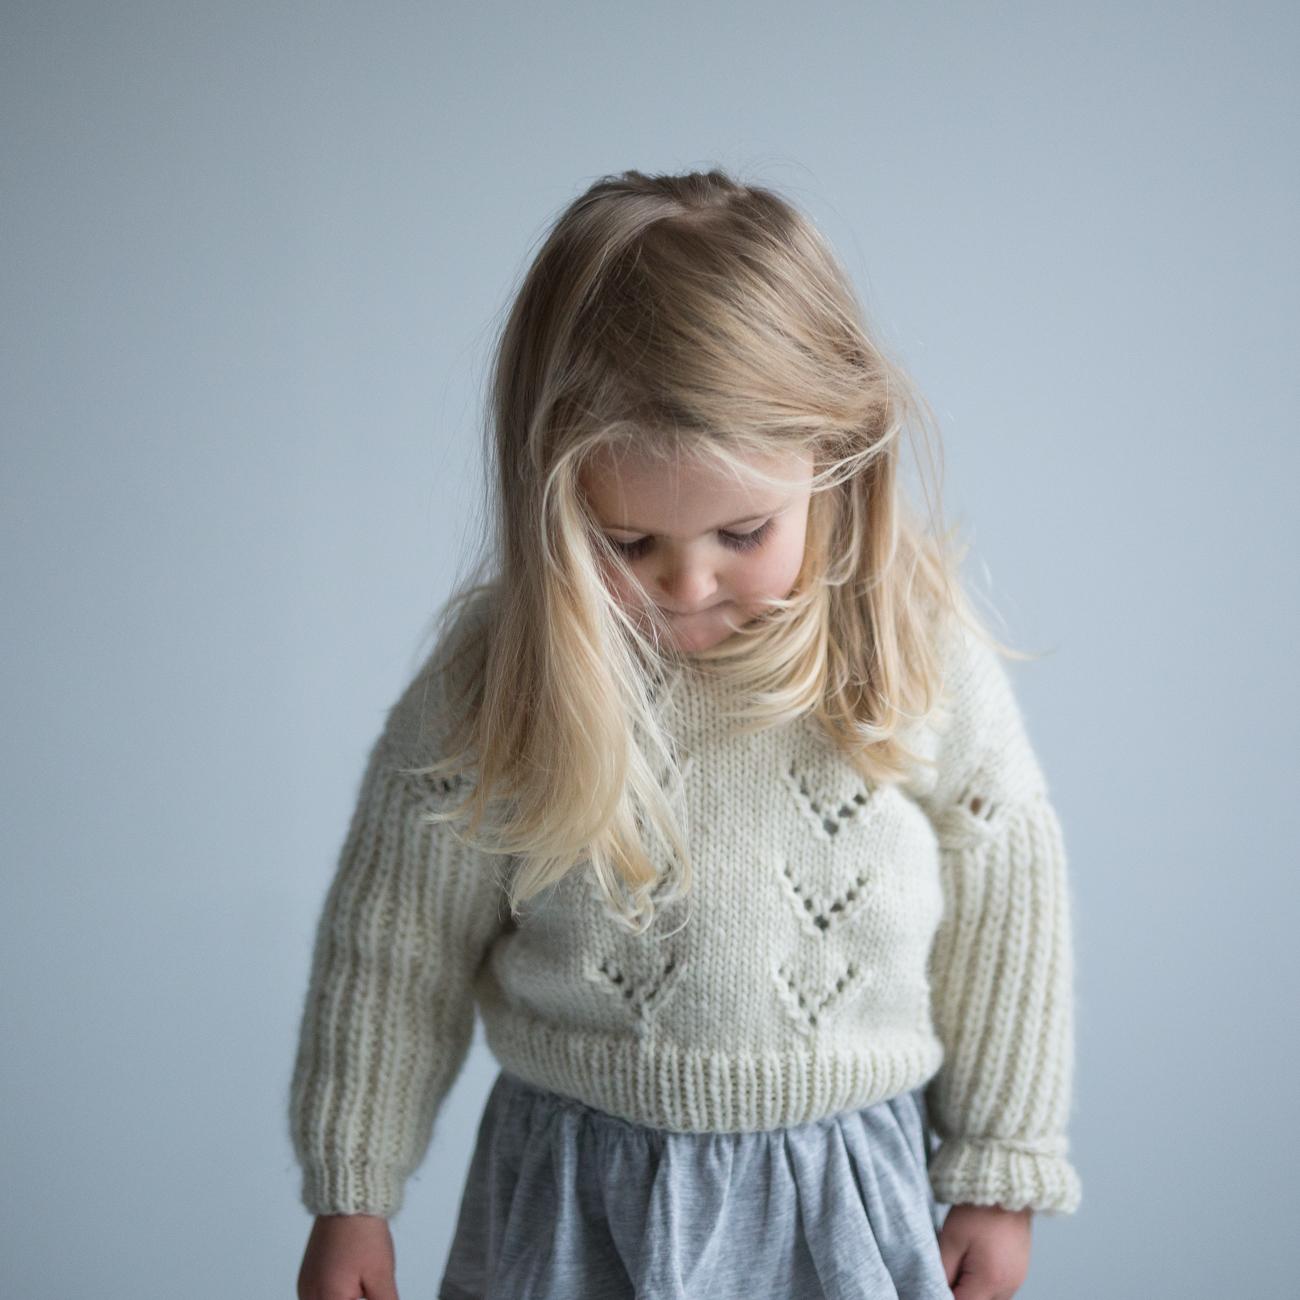 strikkeoppskrift genser jente